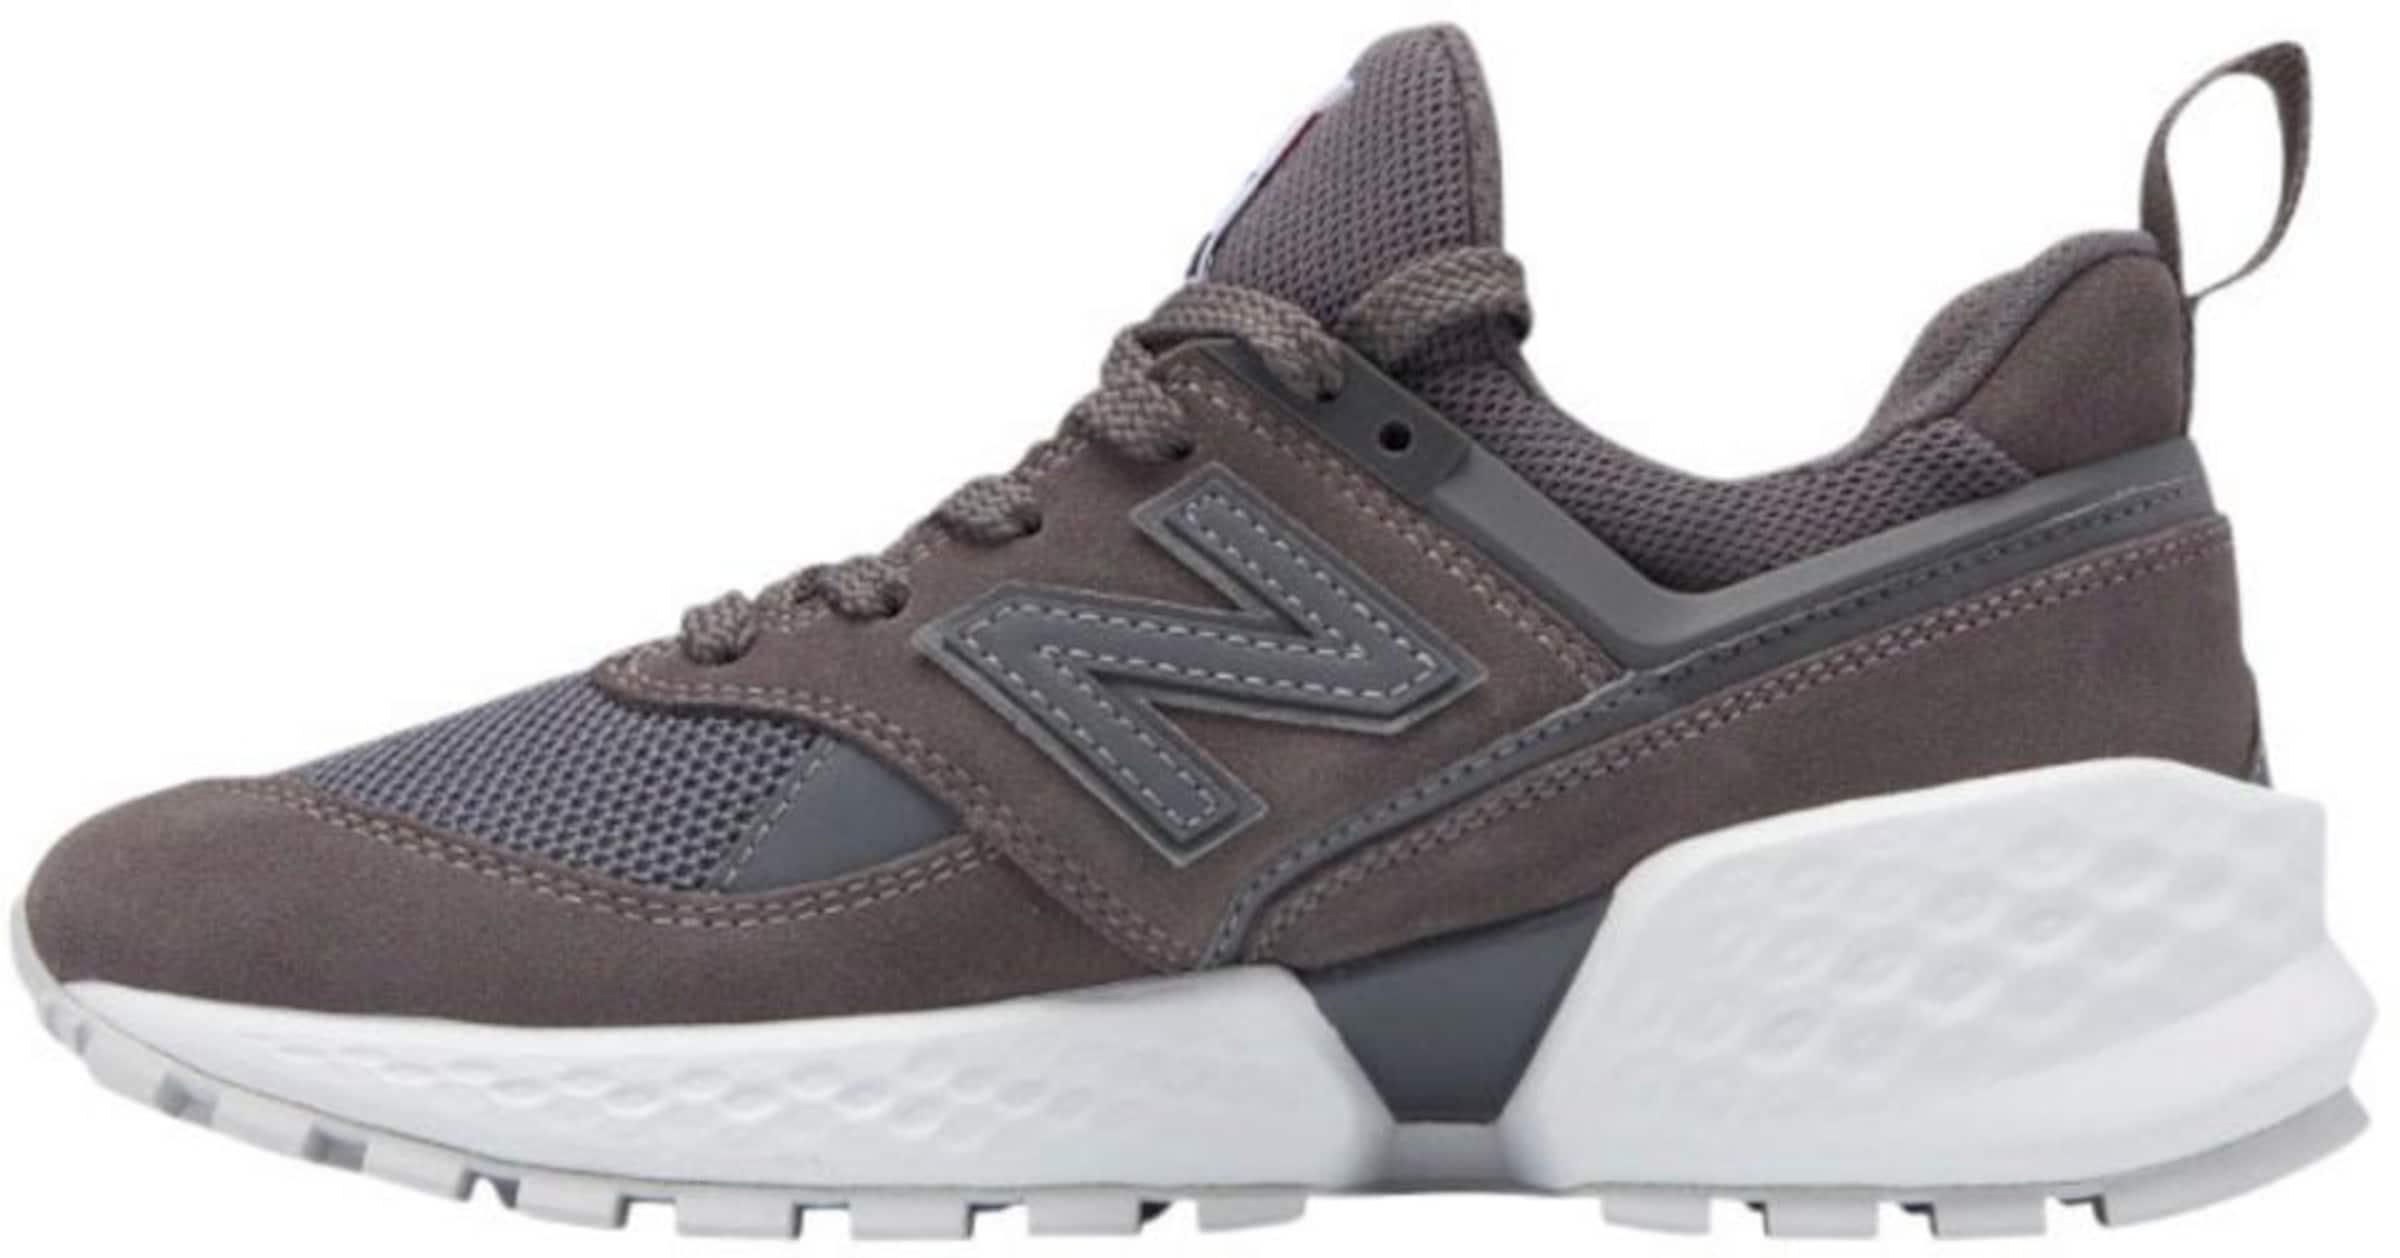 Sneaker 'ws In 574' New DunkelbeigeGrau Balance ul31TFJ5Kc